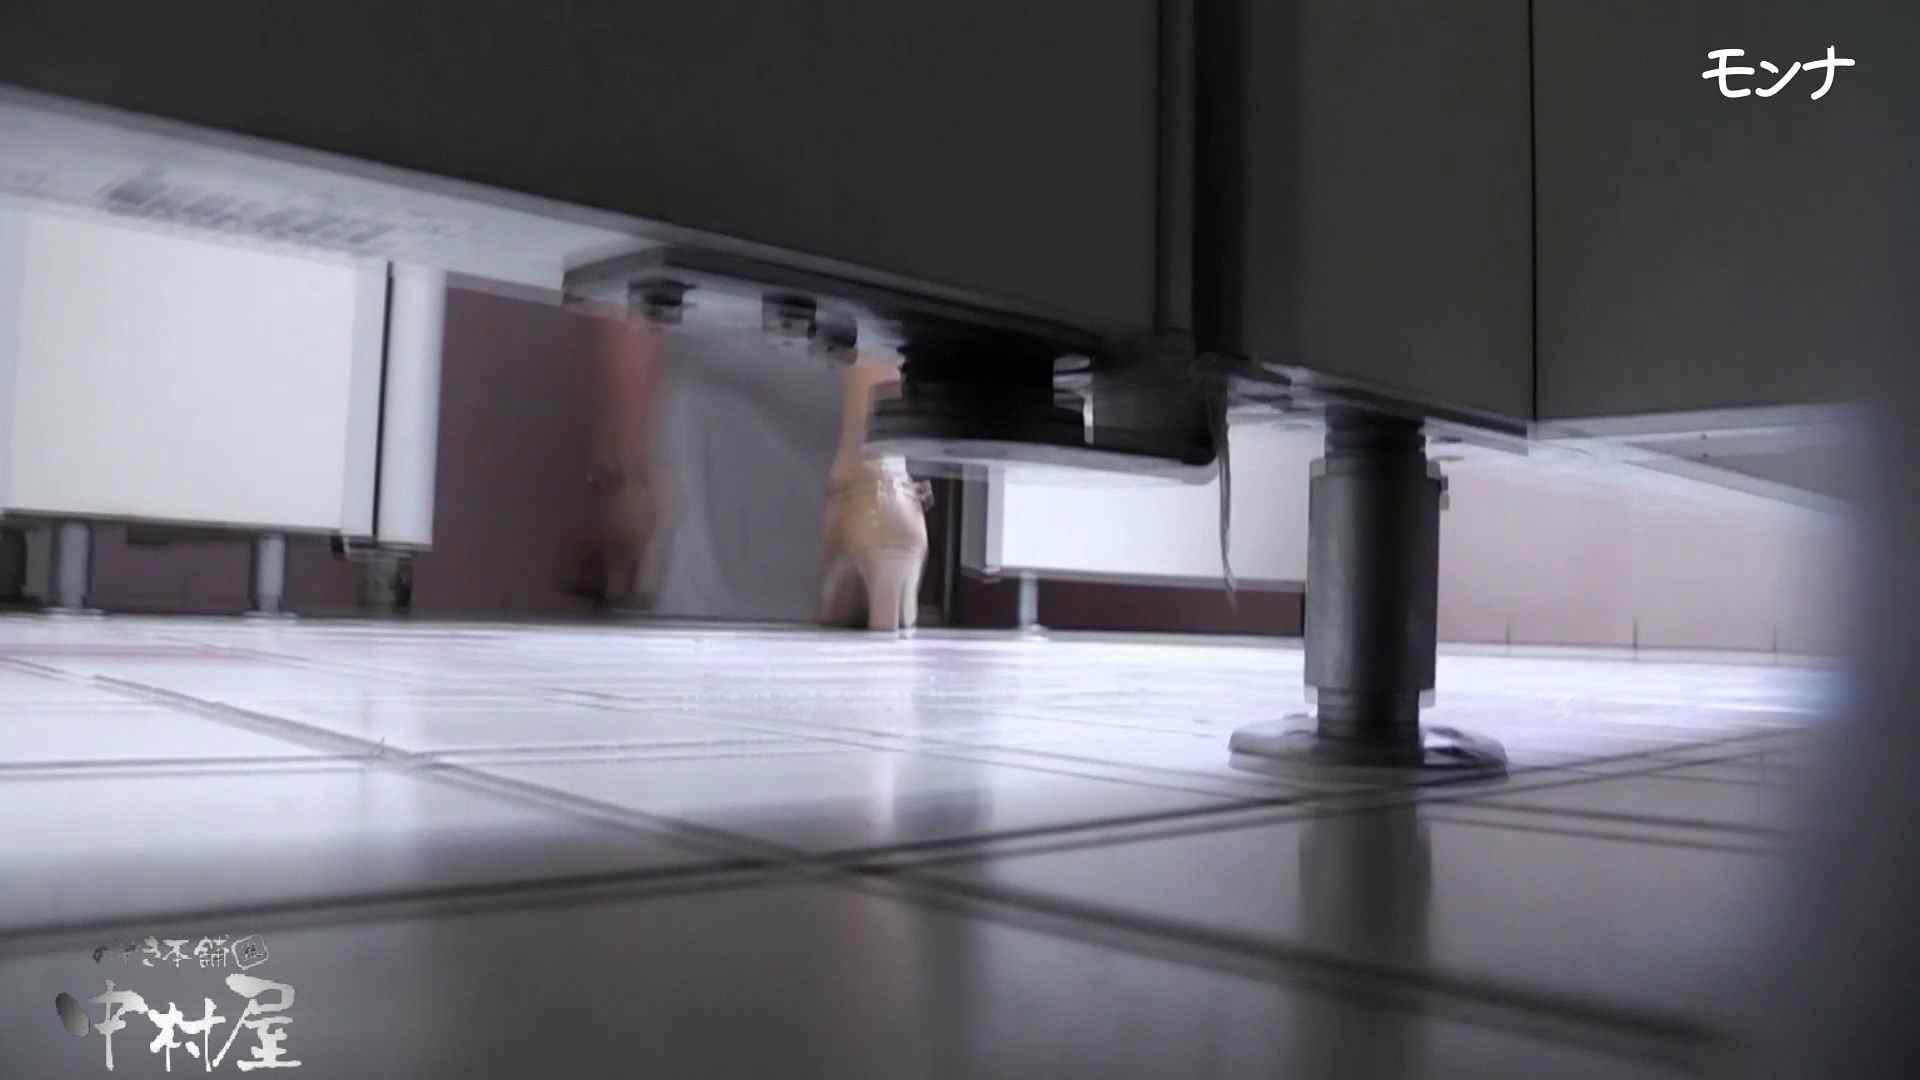 【美しい日本の未来】美しい日本の未来 No.73 自然なセクシーな仕草に感動中 覗き | マンコ・ムレムレ  89pic 21